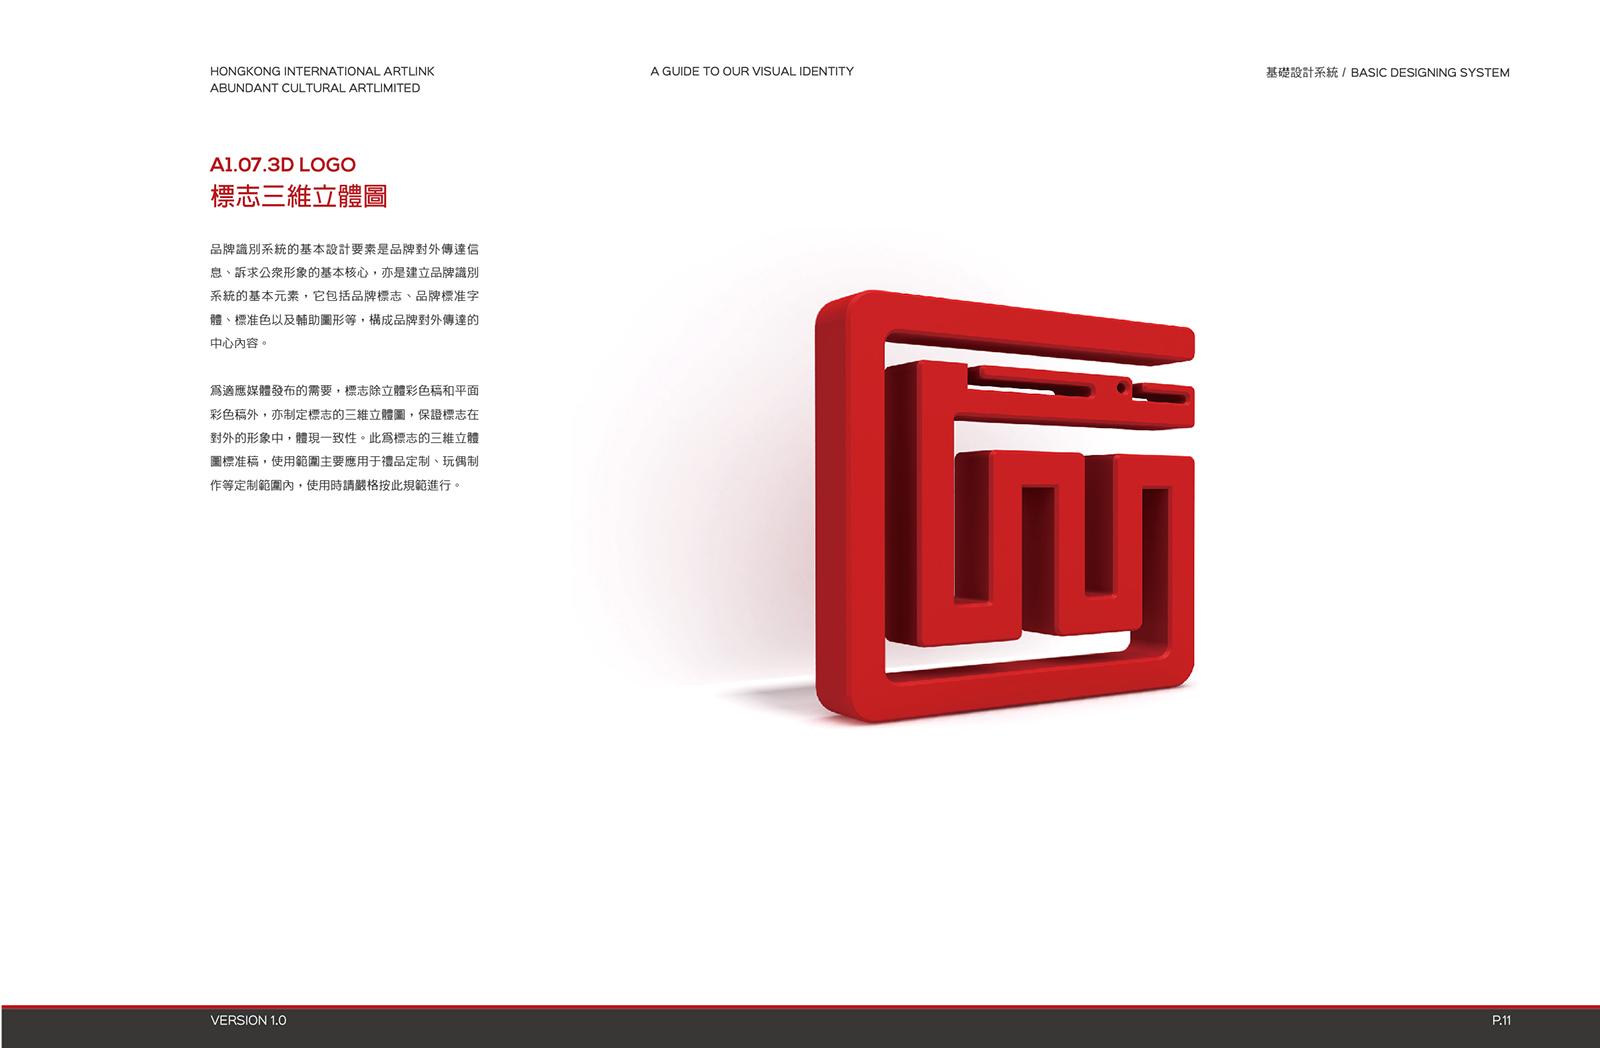 万丰国际集团品牌形象识别设计-深圳VI设计5